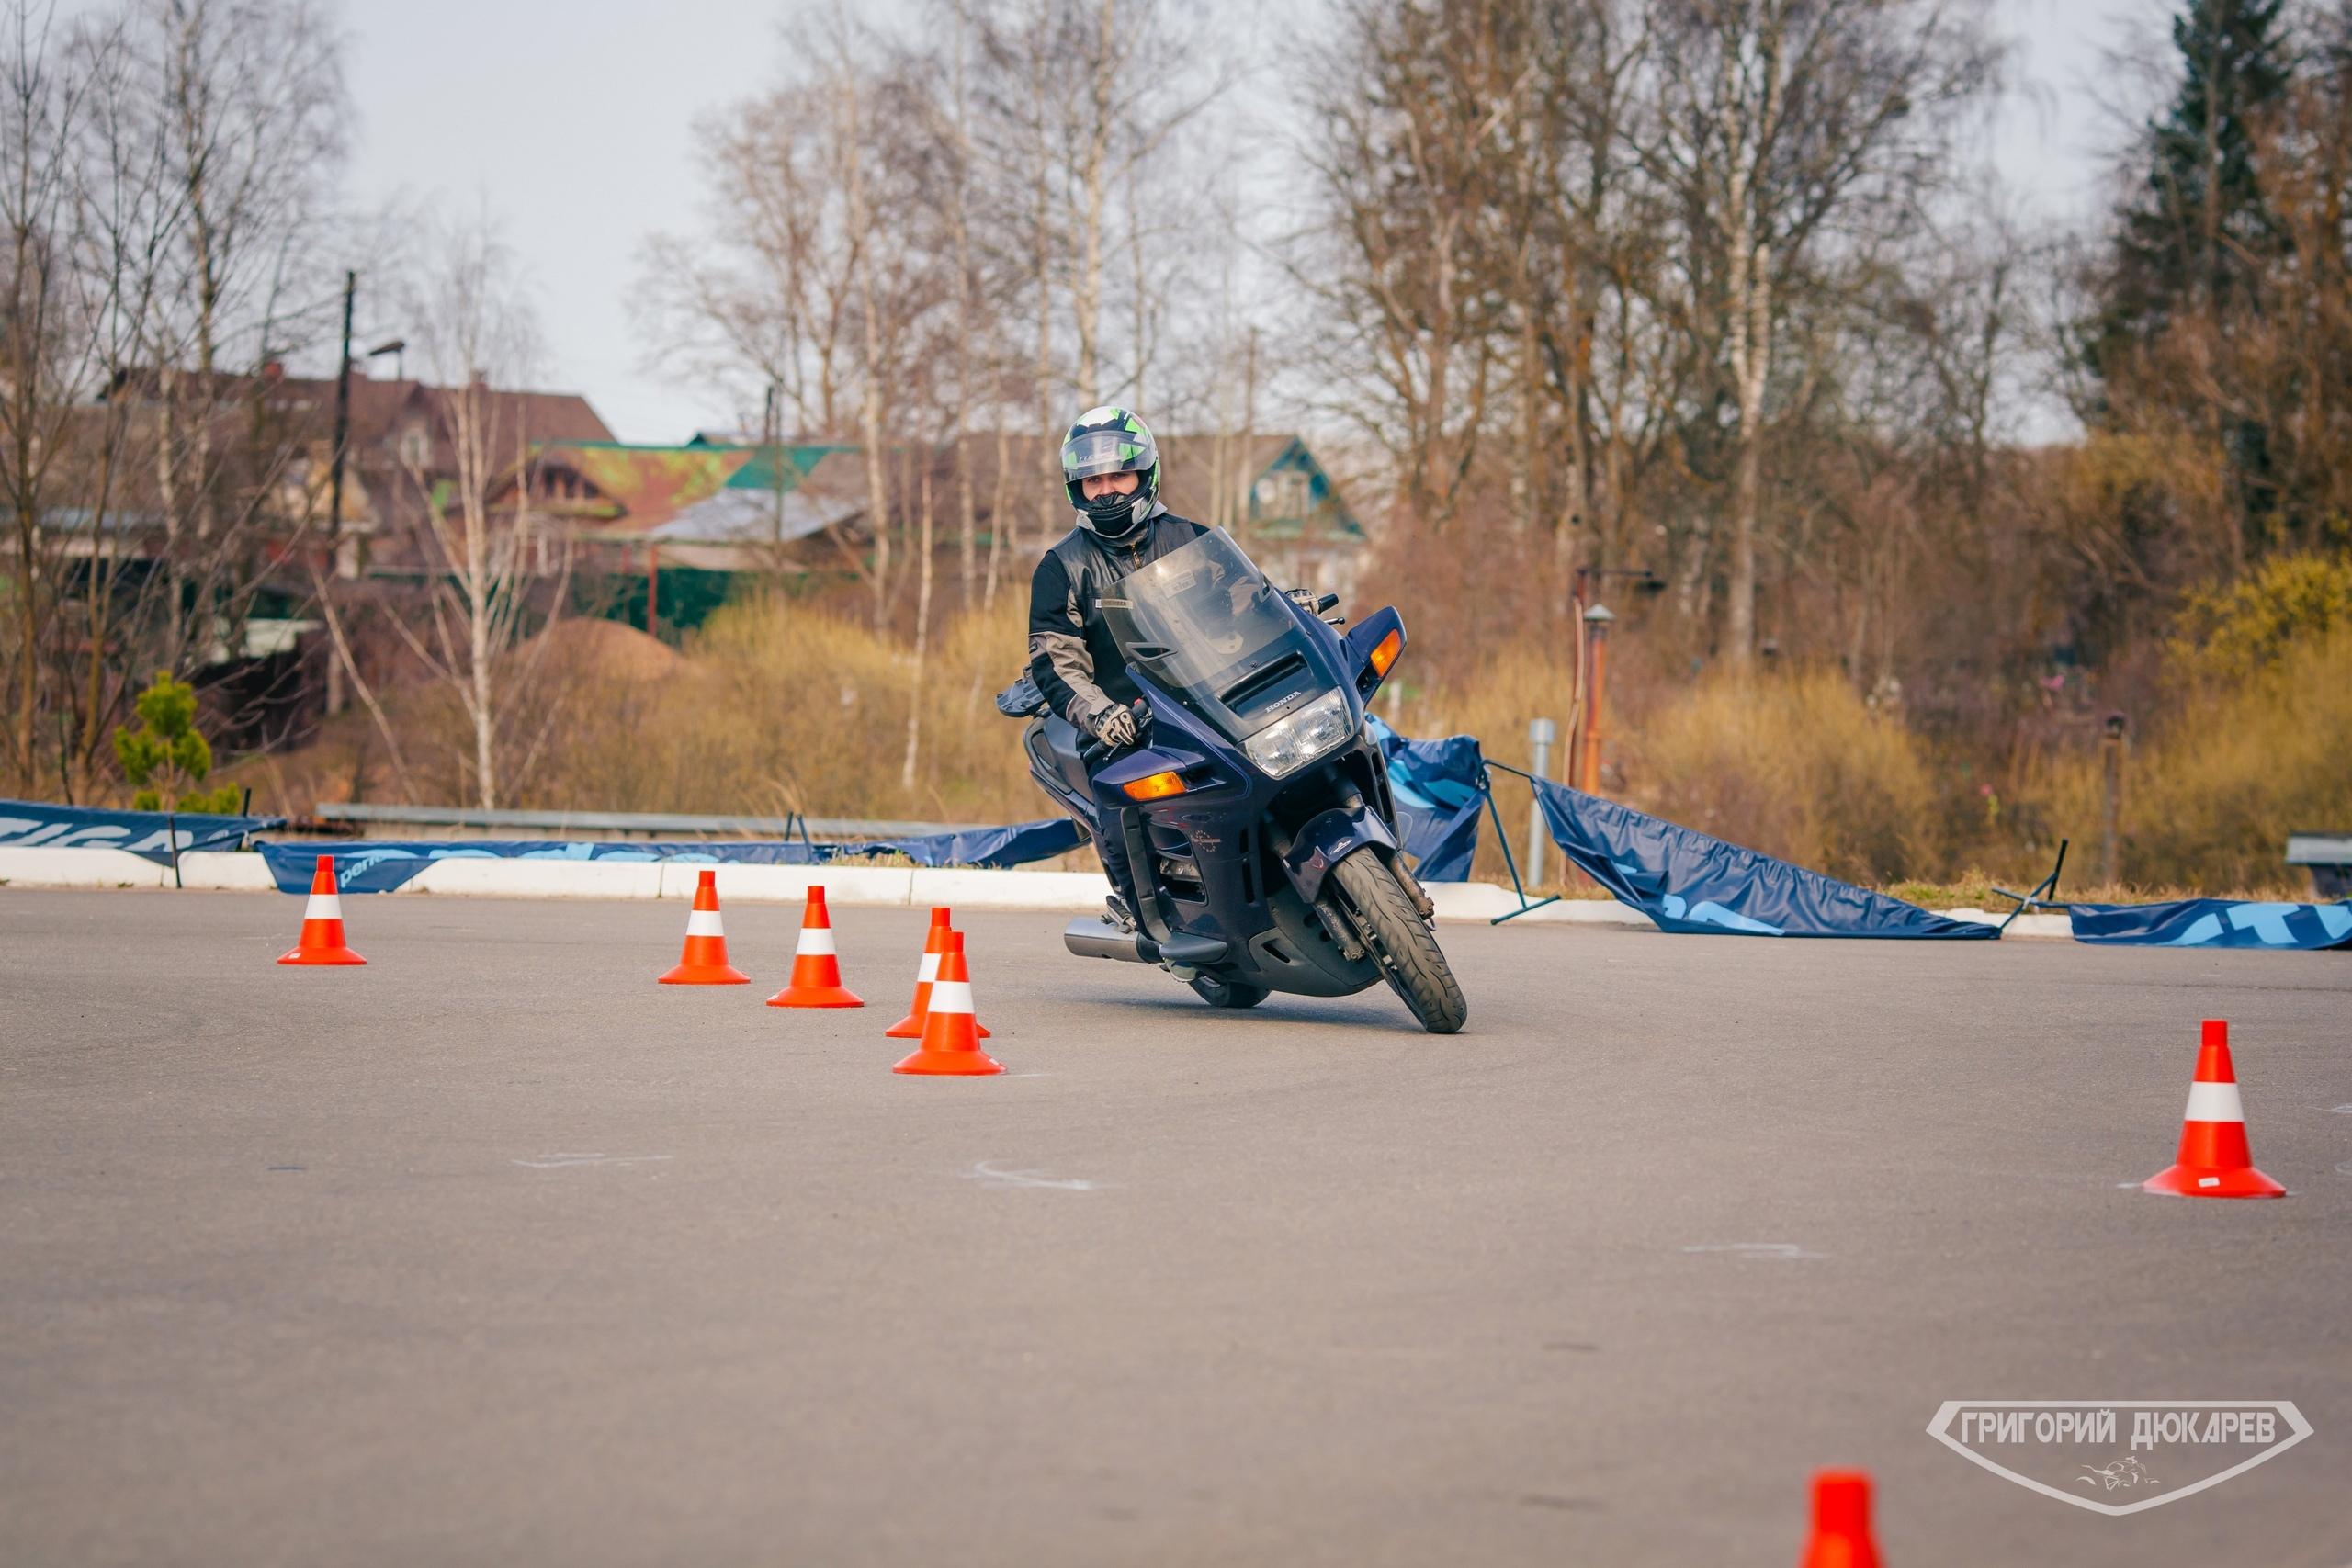 В Твери пройдет 2-й этап Чемпионата по мотоджимхане